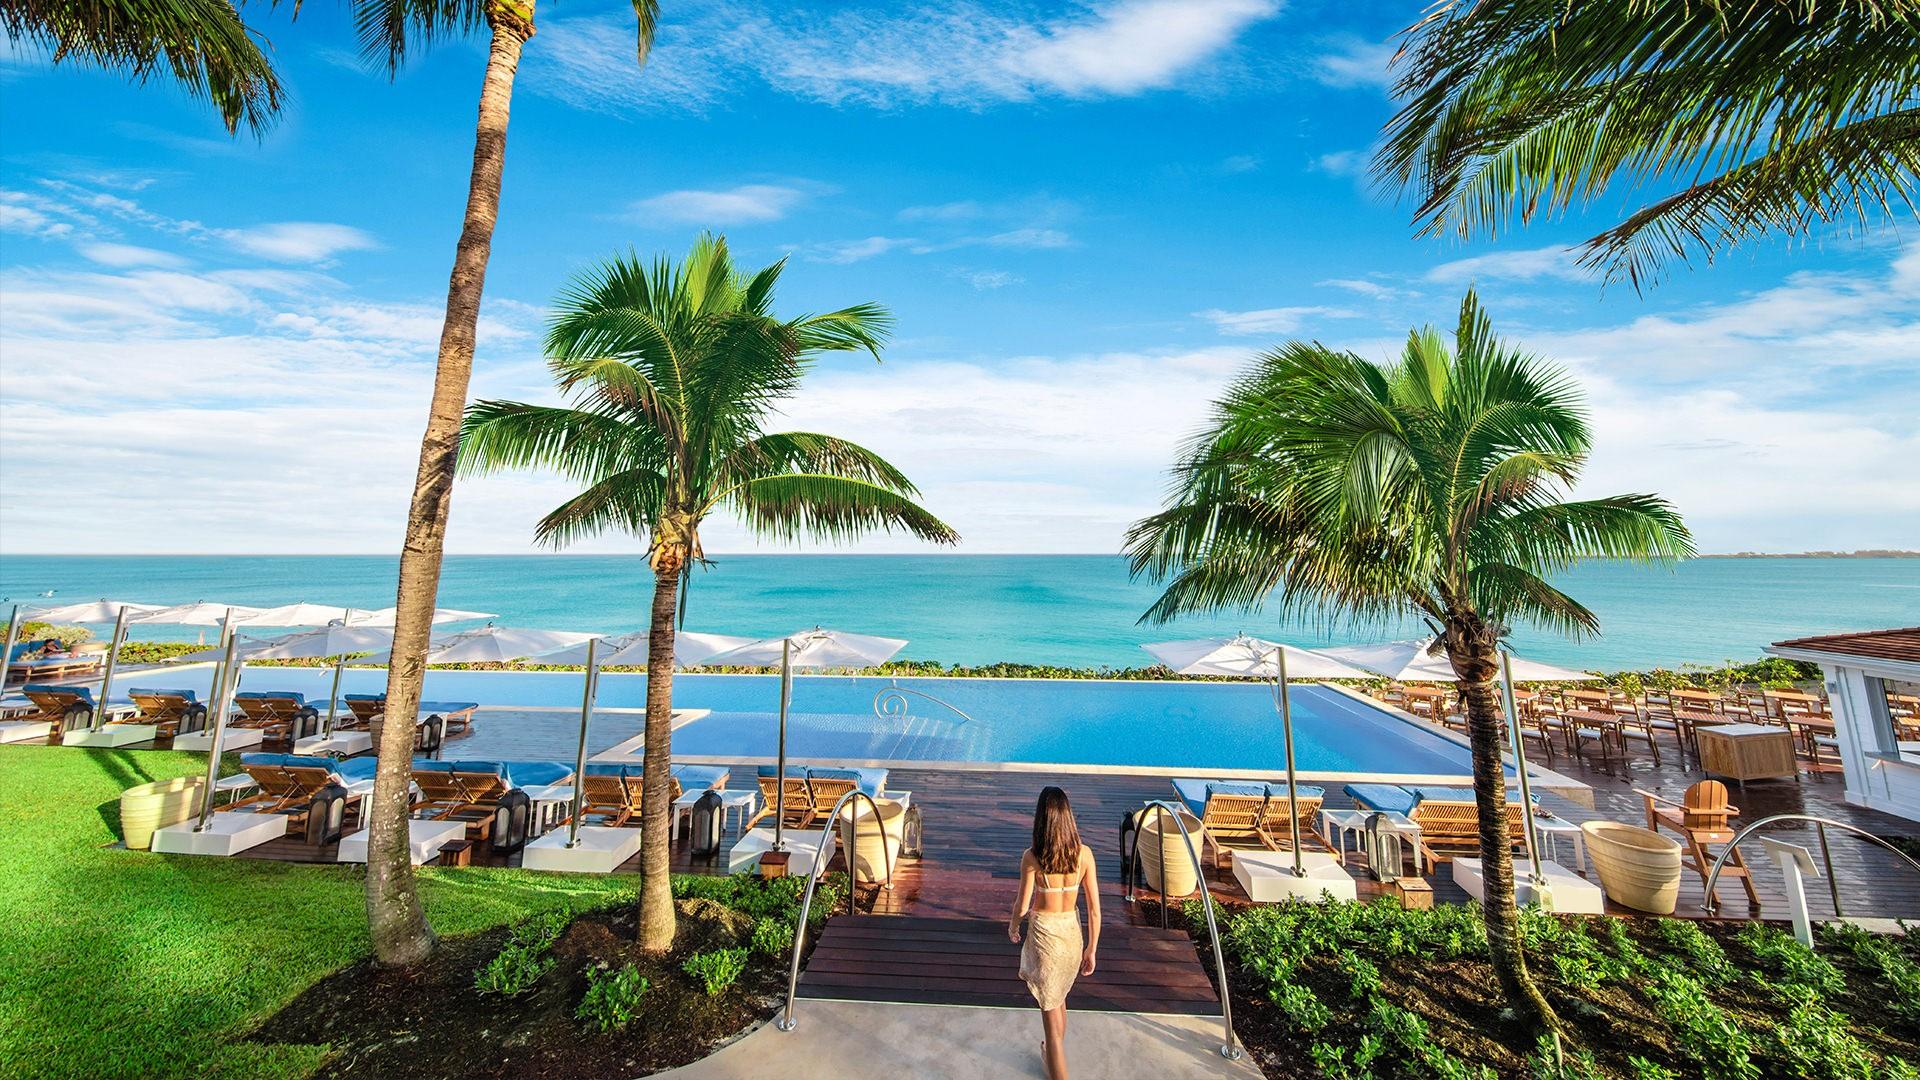 Paradise Beach Nau Public The Best Beaches In World